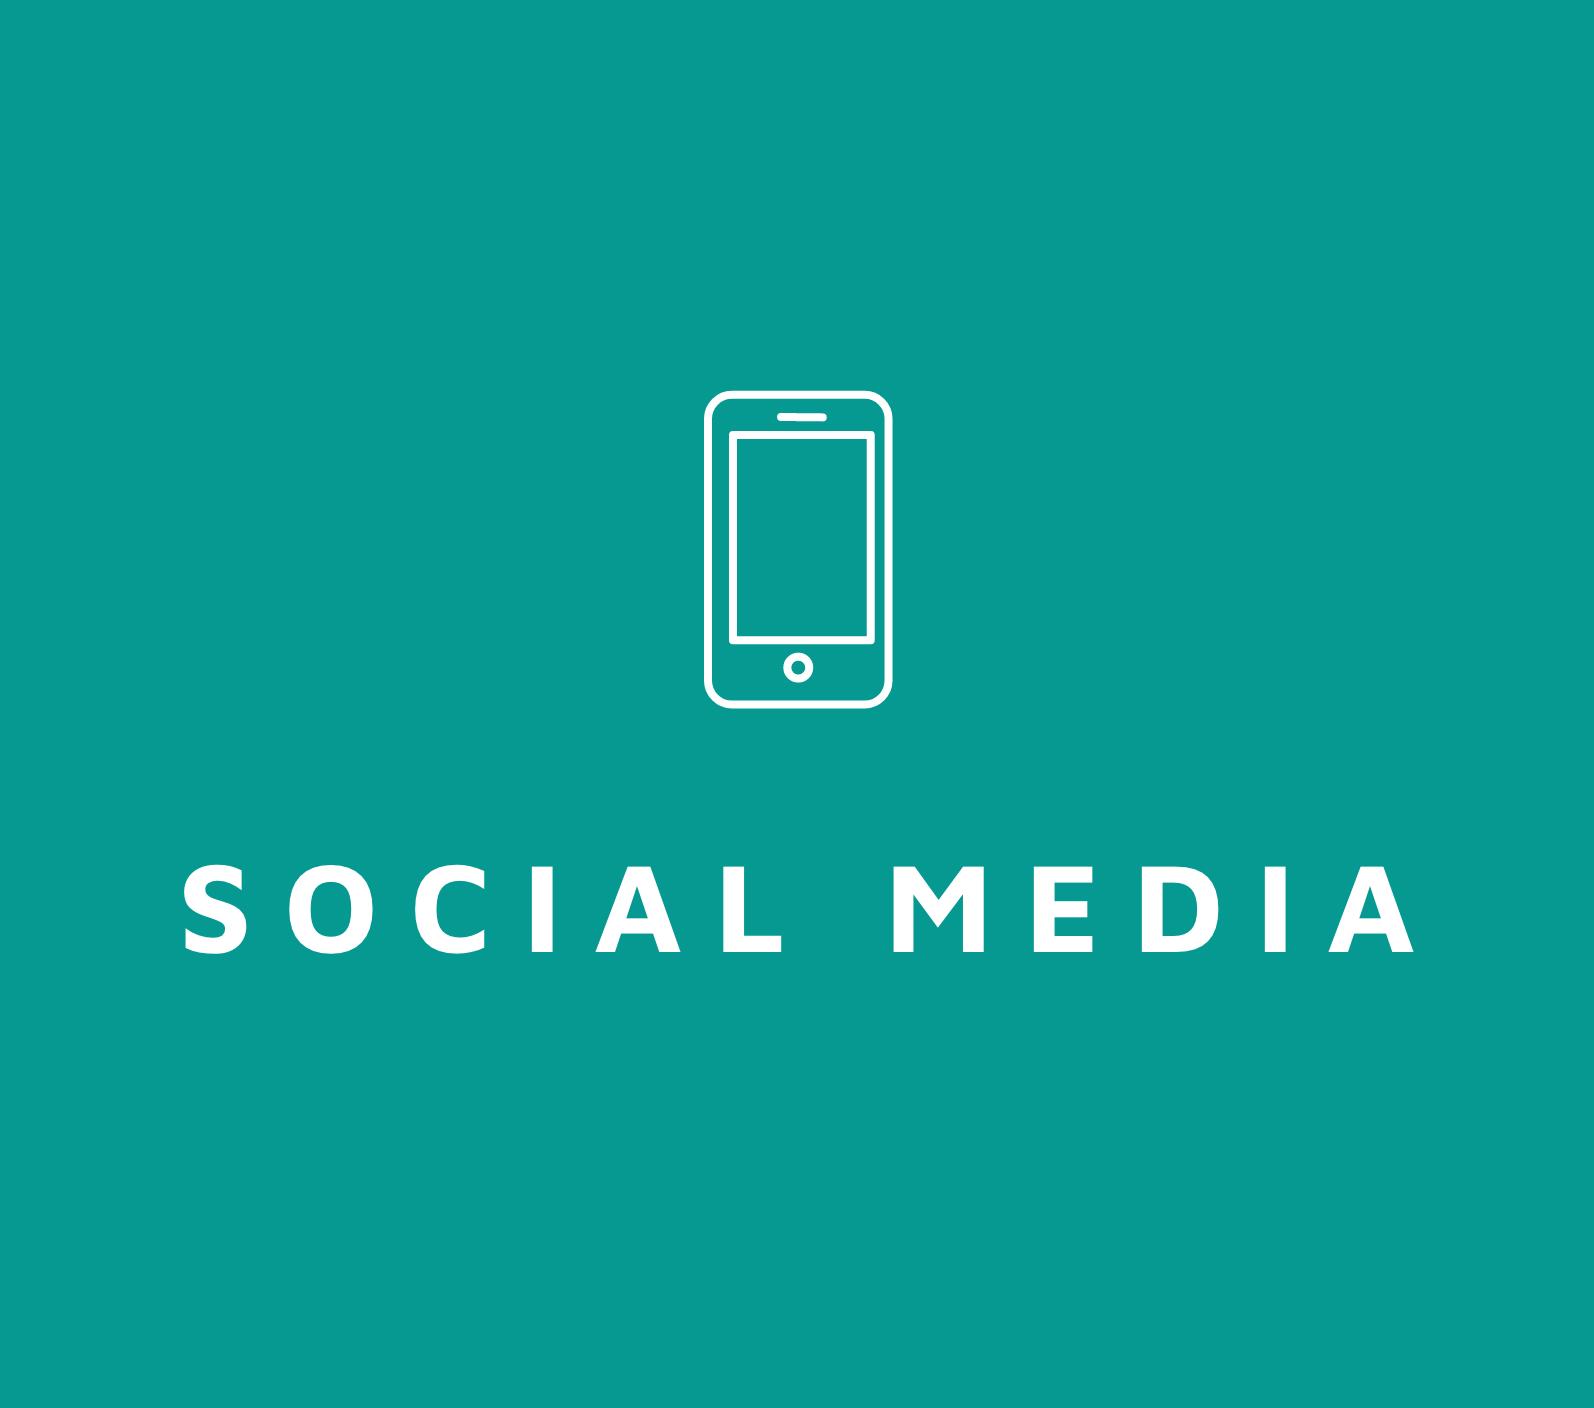 Social Media_cb@2x